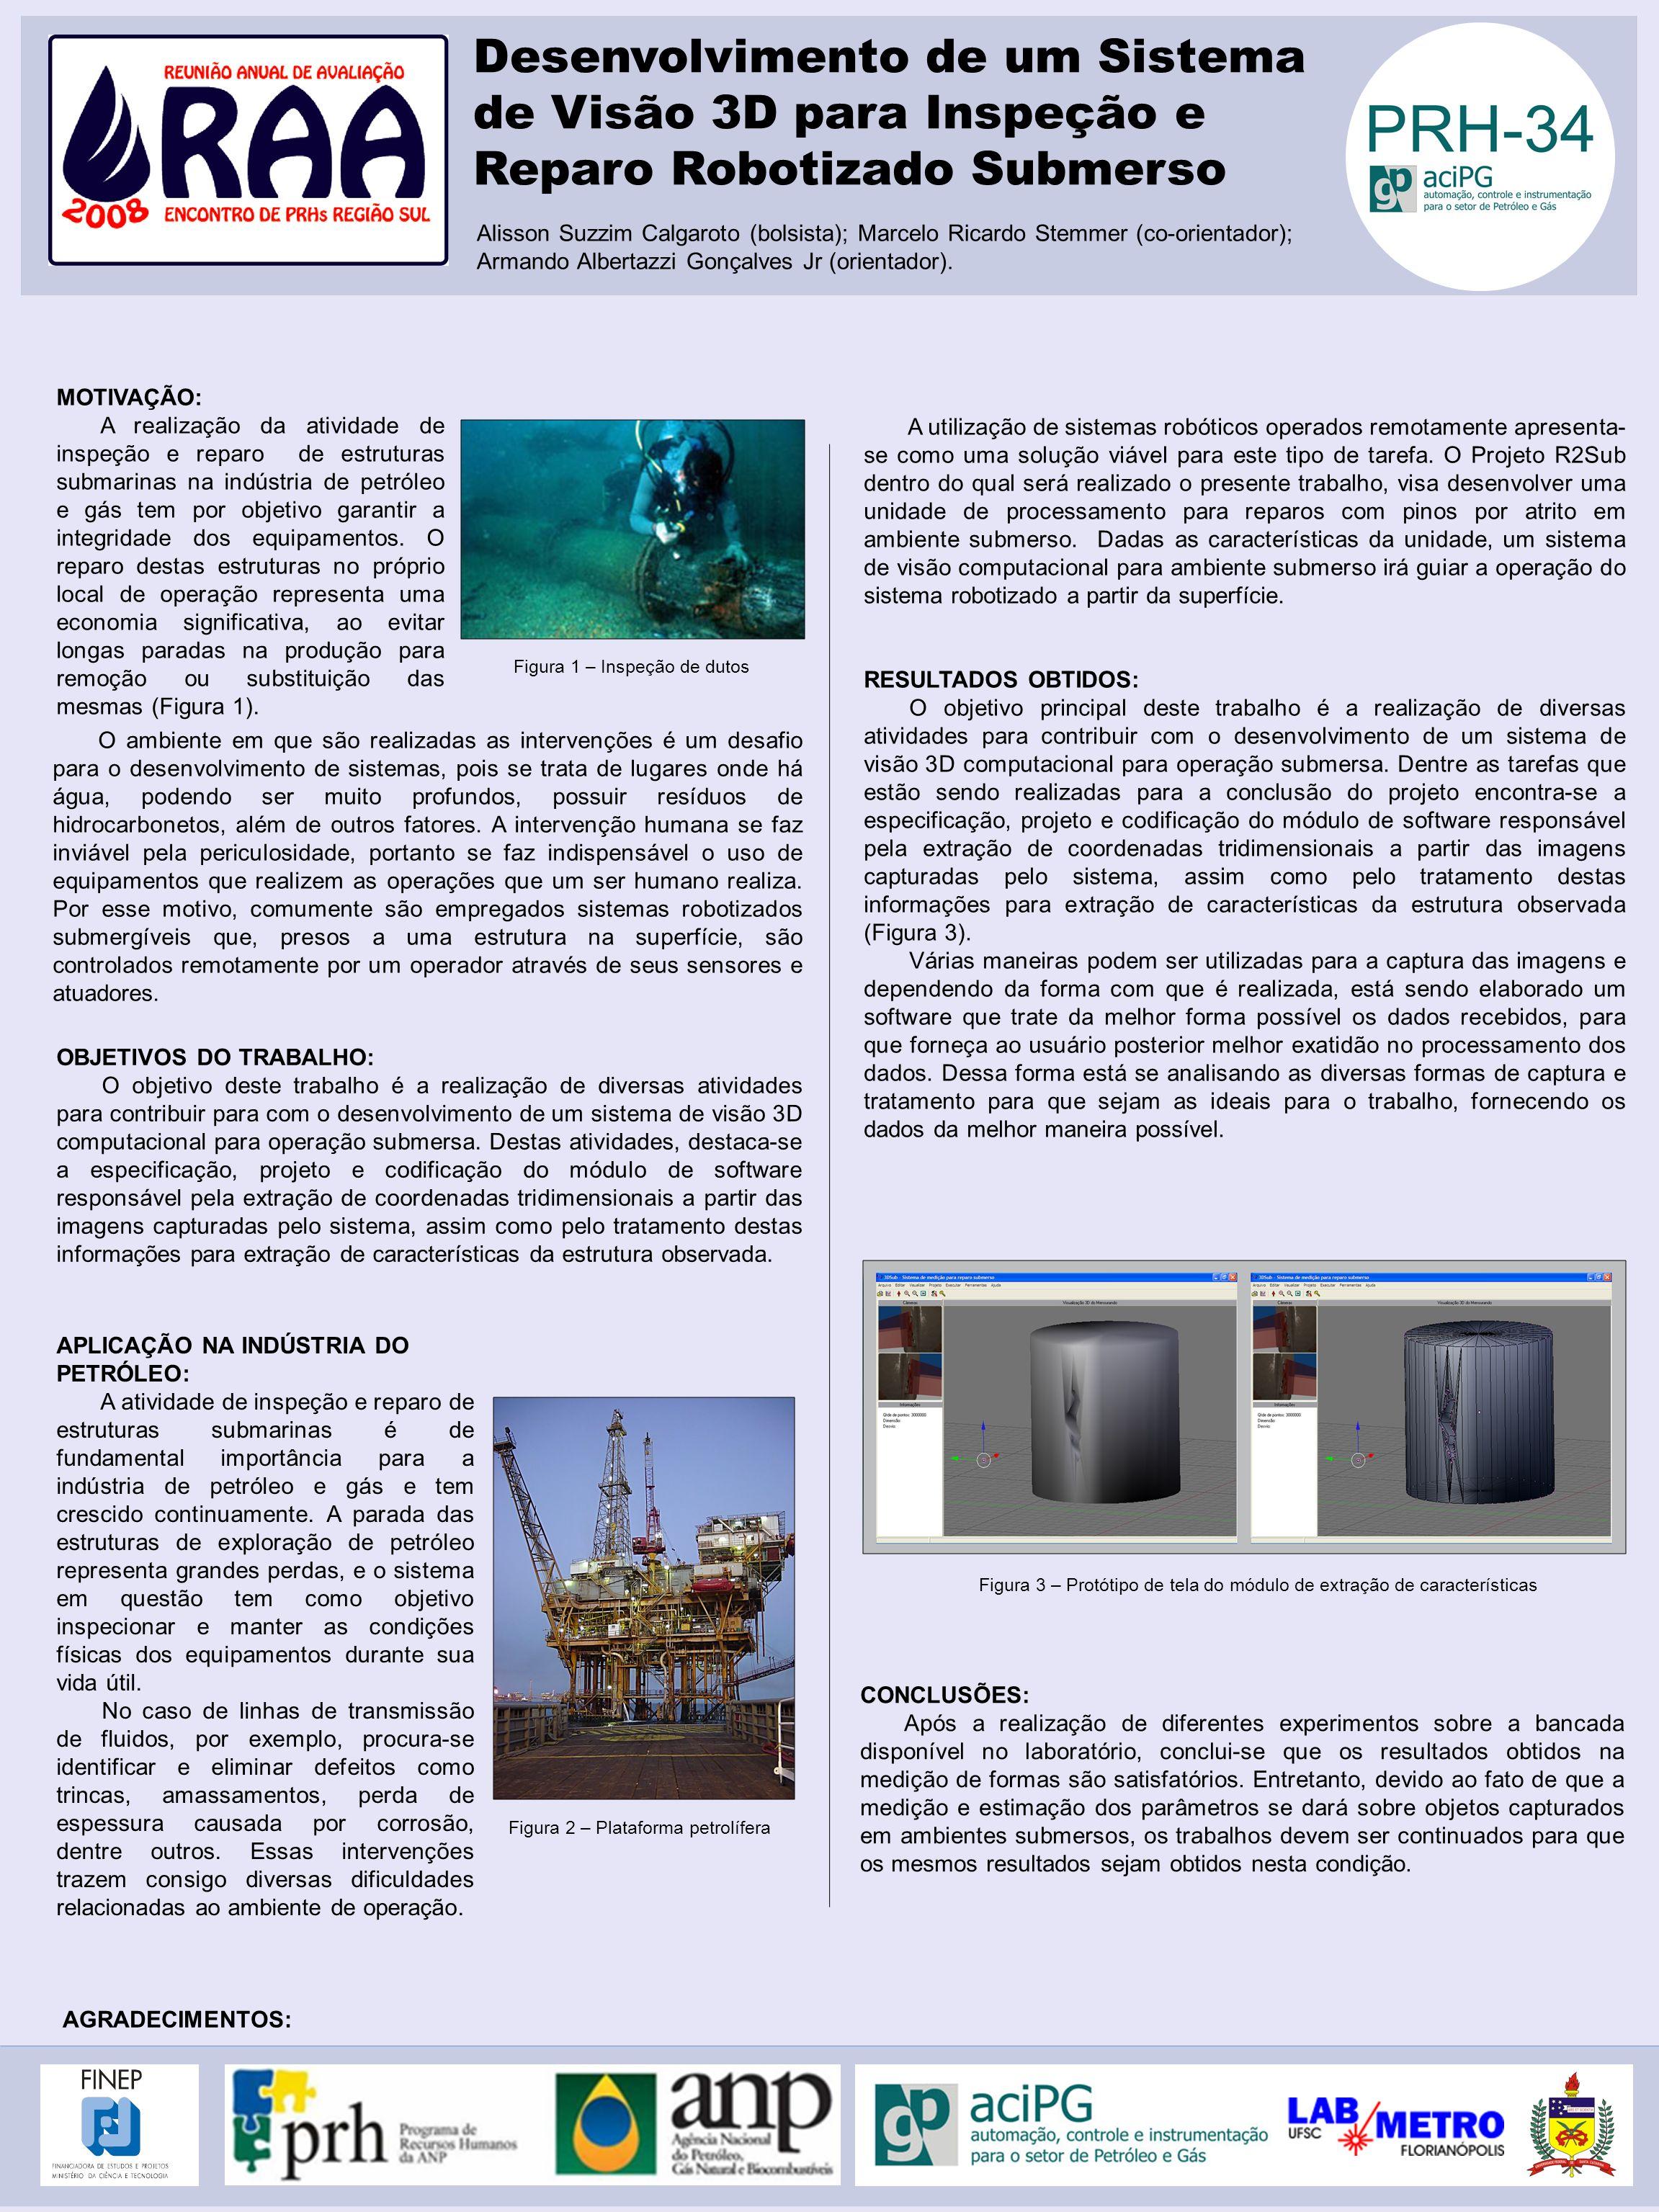 AGRADECIMENTOS: MOTIVAÇÃO: A realização da atividade de inspeção e reparo de estruturas submarinas na indústria de petróleo e gás tem por objetivo gar